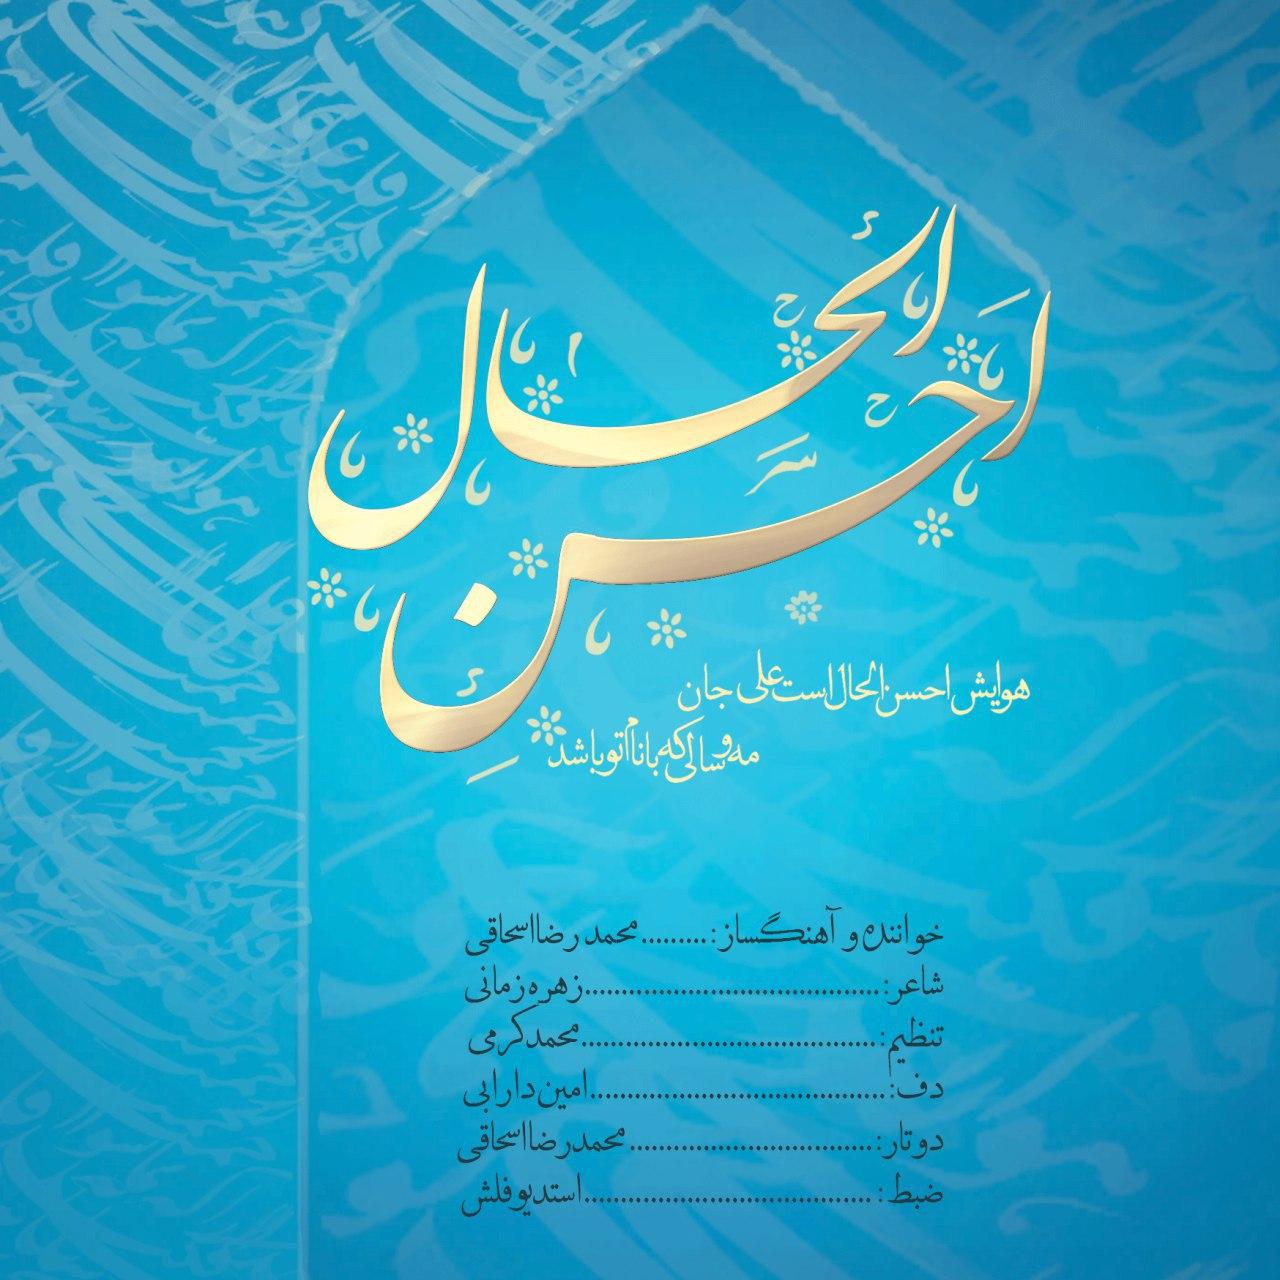 دانلود آهنگ جدید محمدرضا اسحاقی بنام احسن الحال